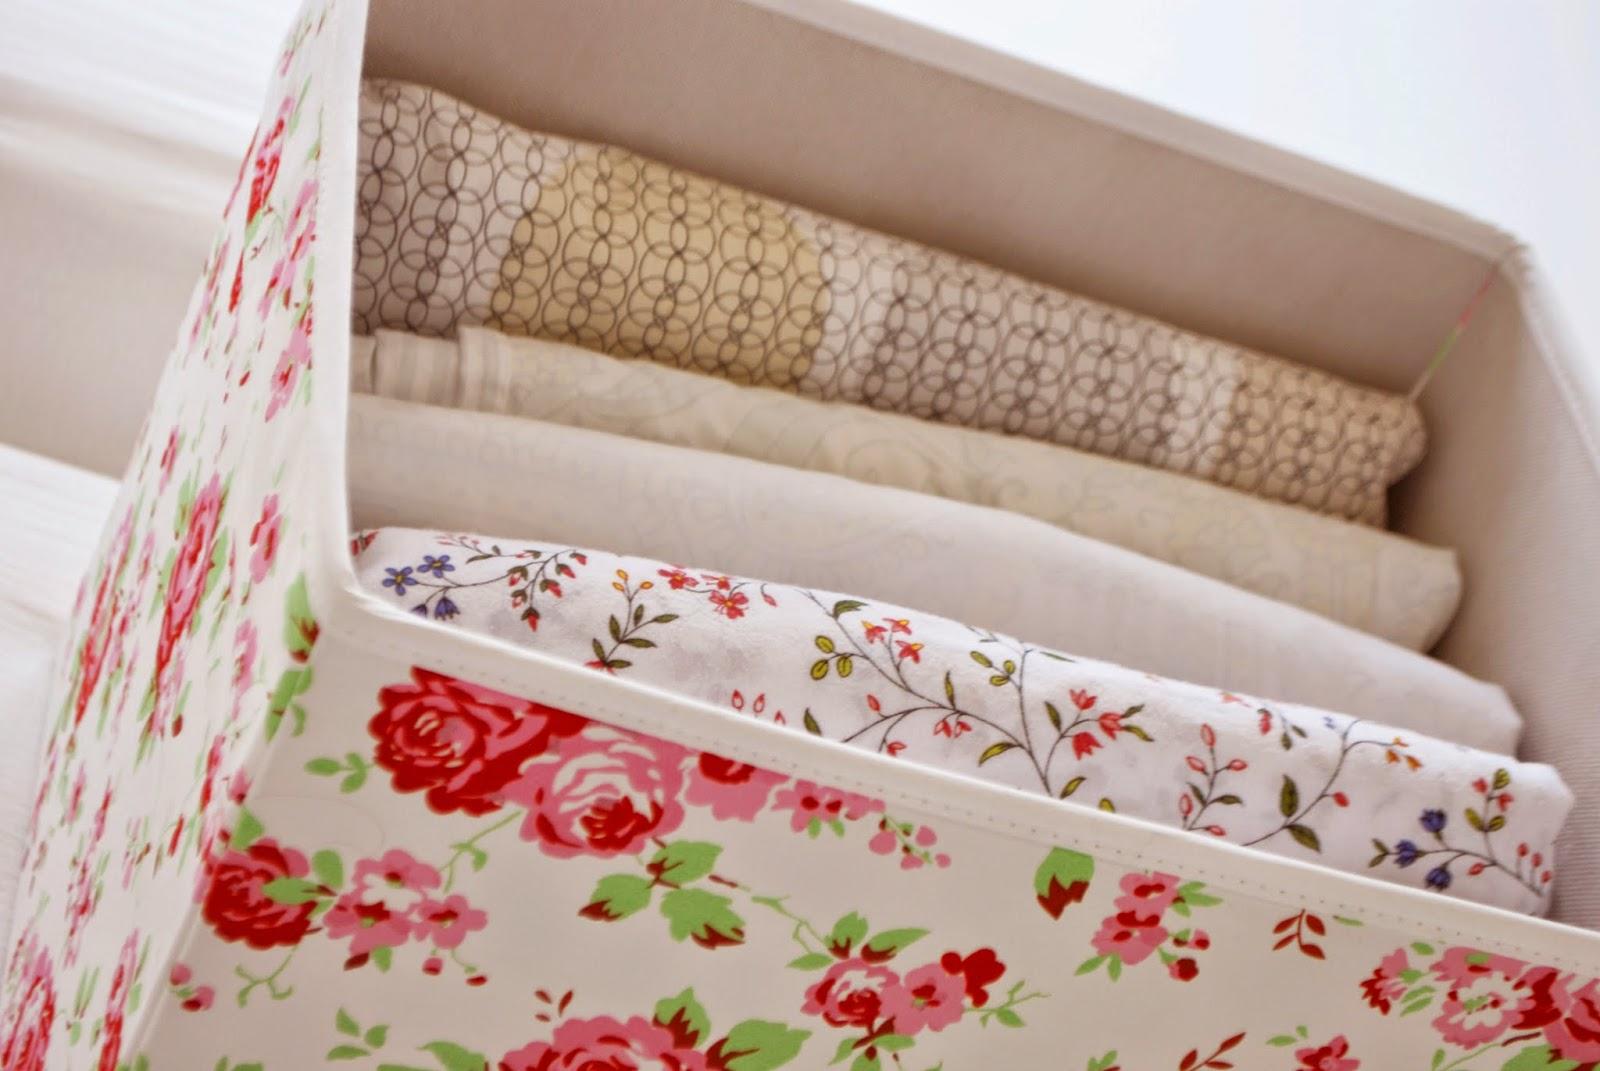 geordnete bettw sche ab in die box iby lippold haushaltstipps. Black Bedroom Furniture Sets. Home Design Ideas